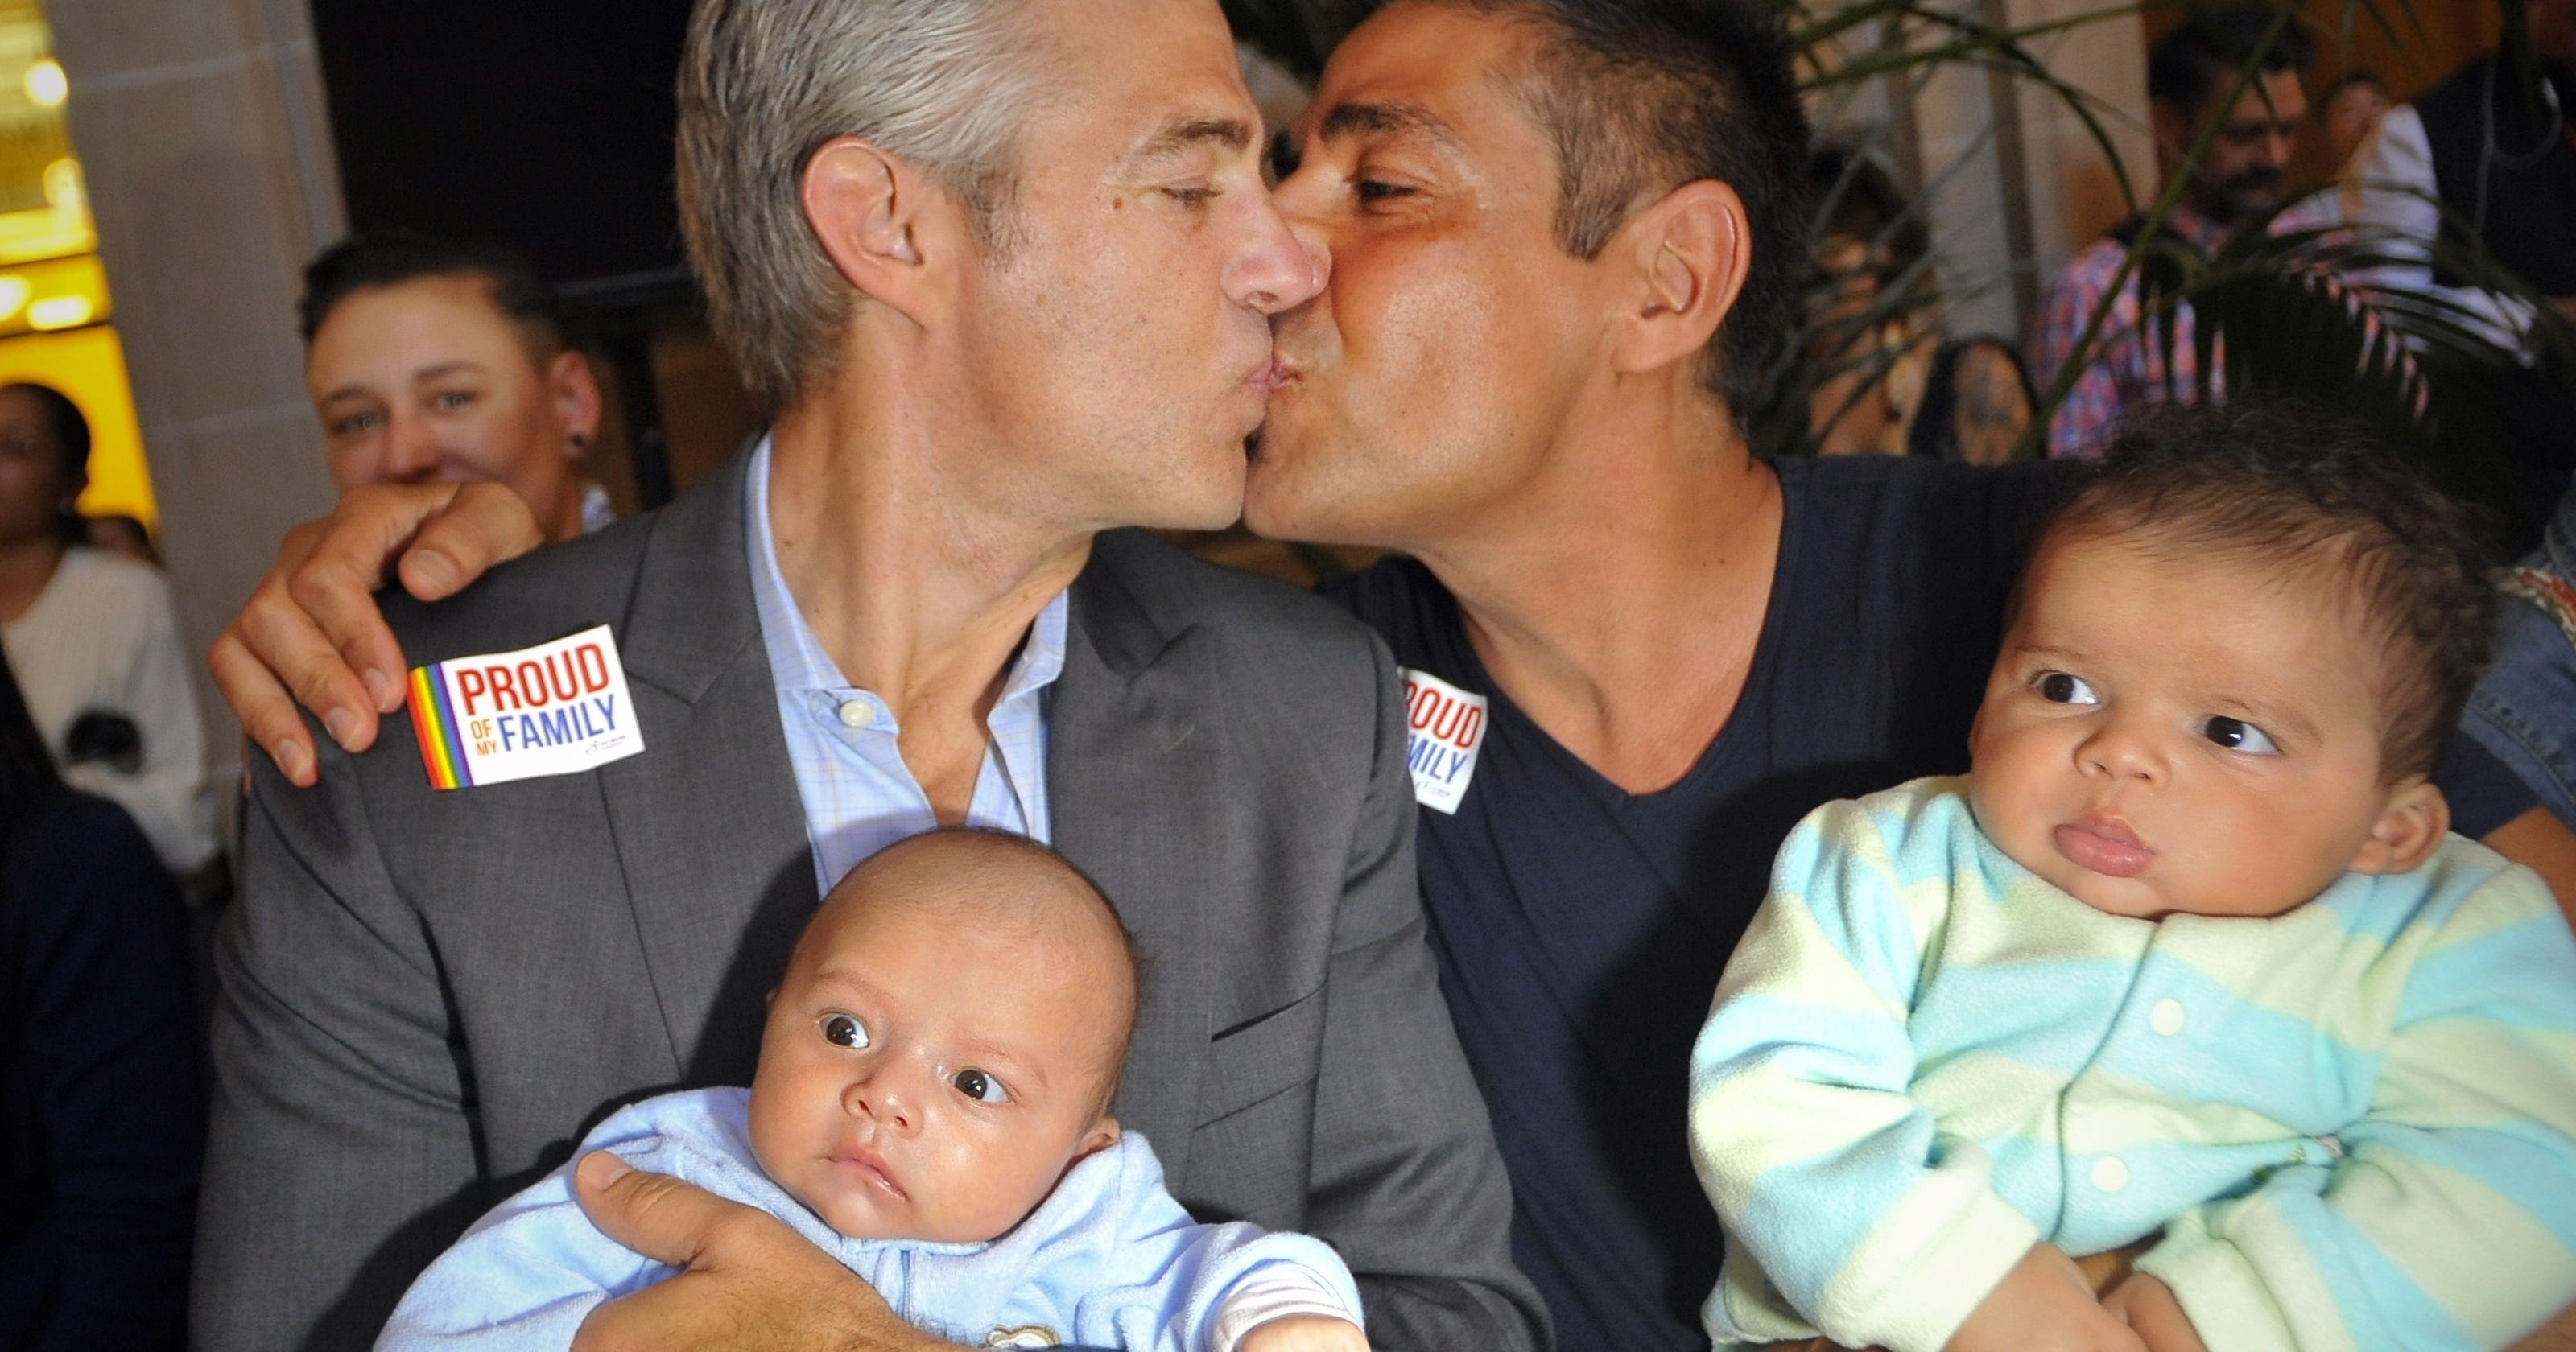 louisiana same sex marriage news in Dayton